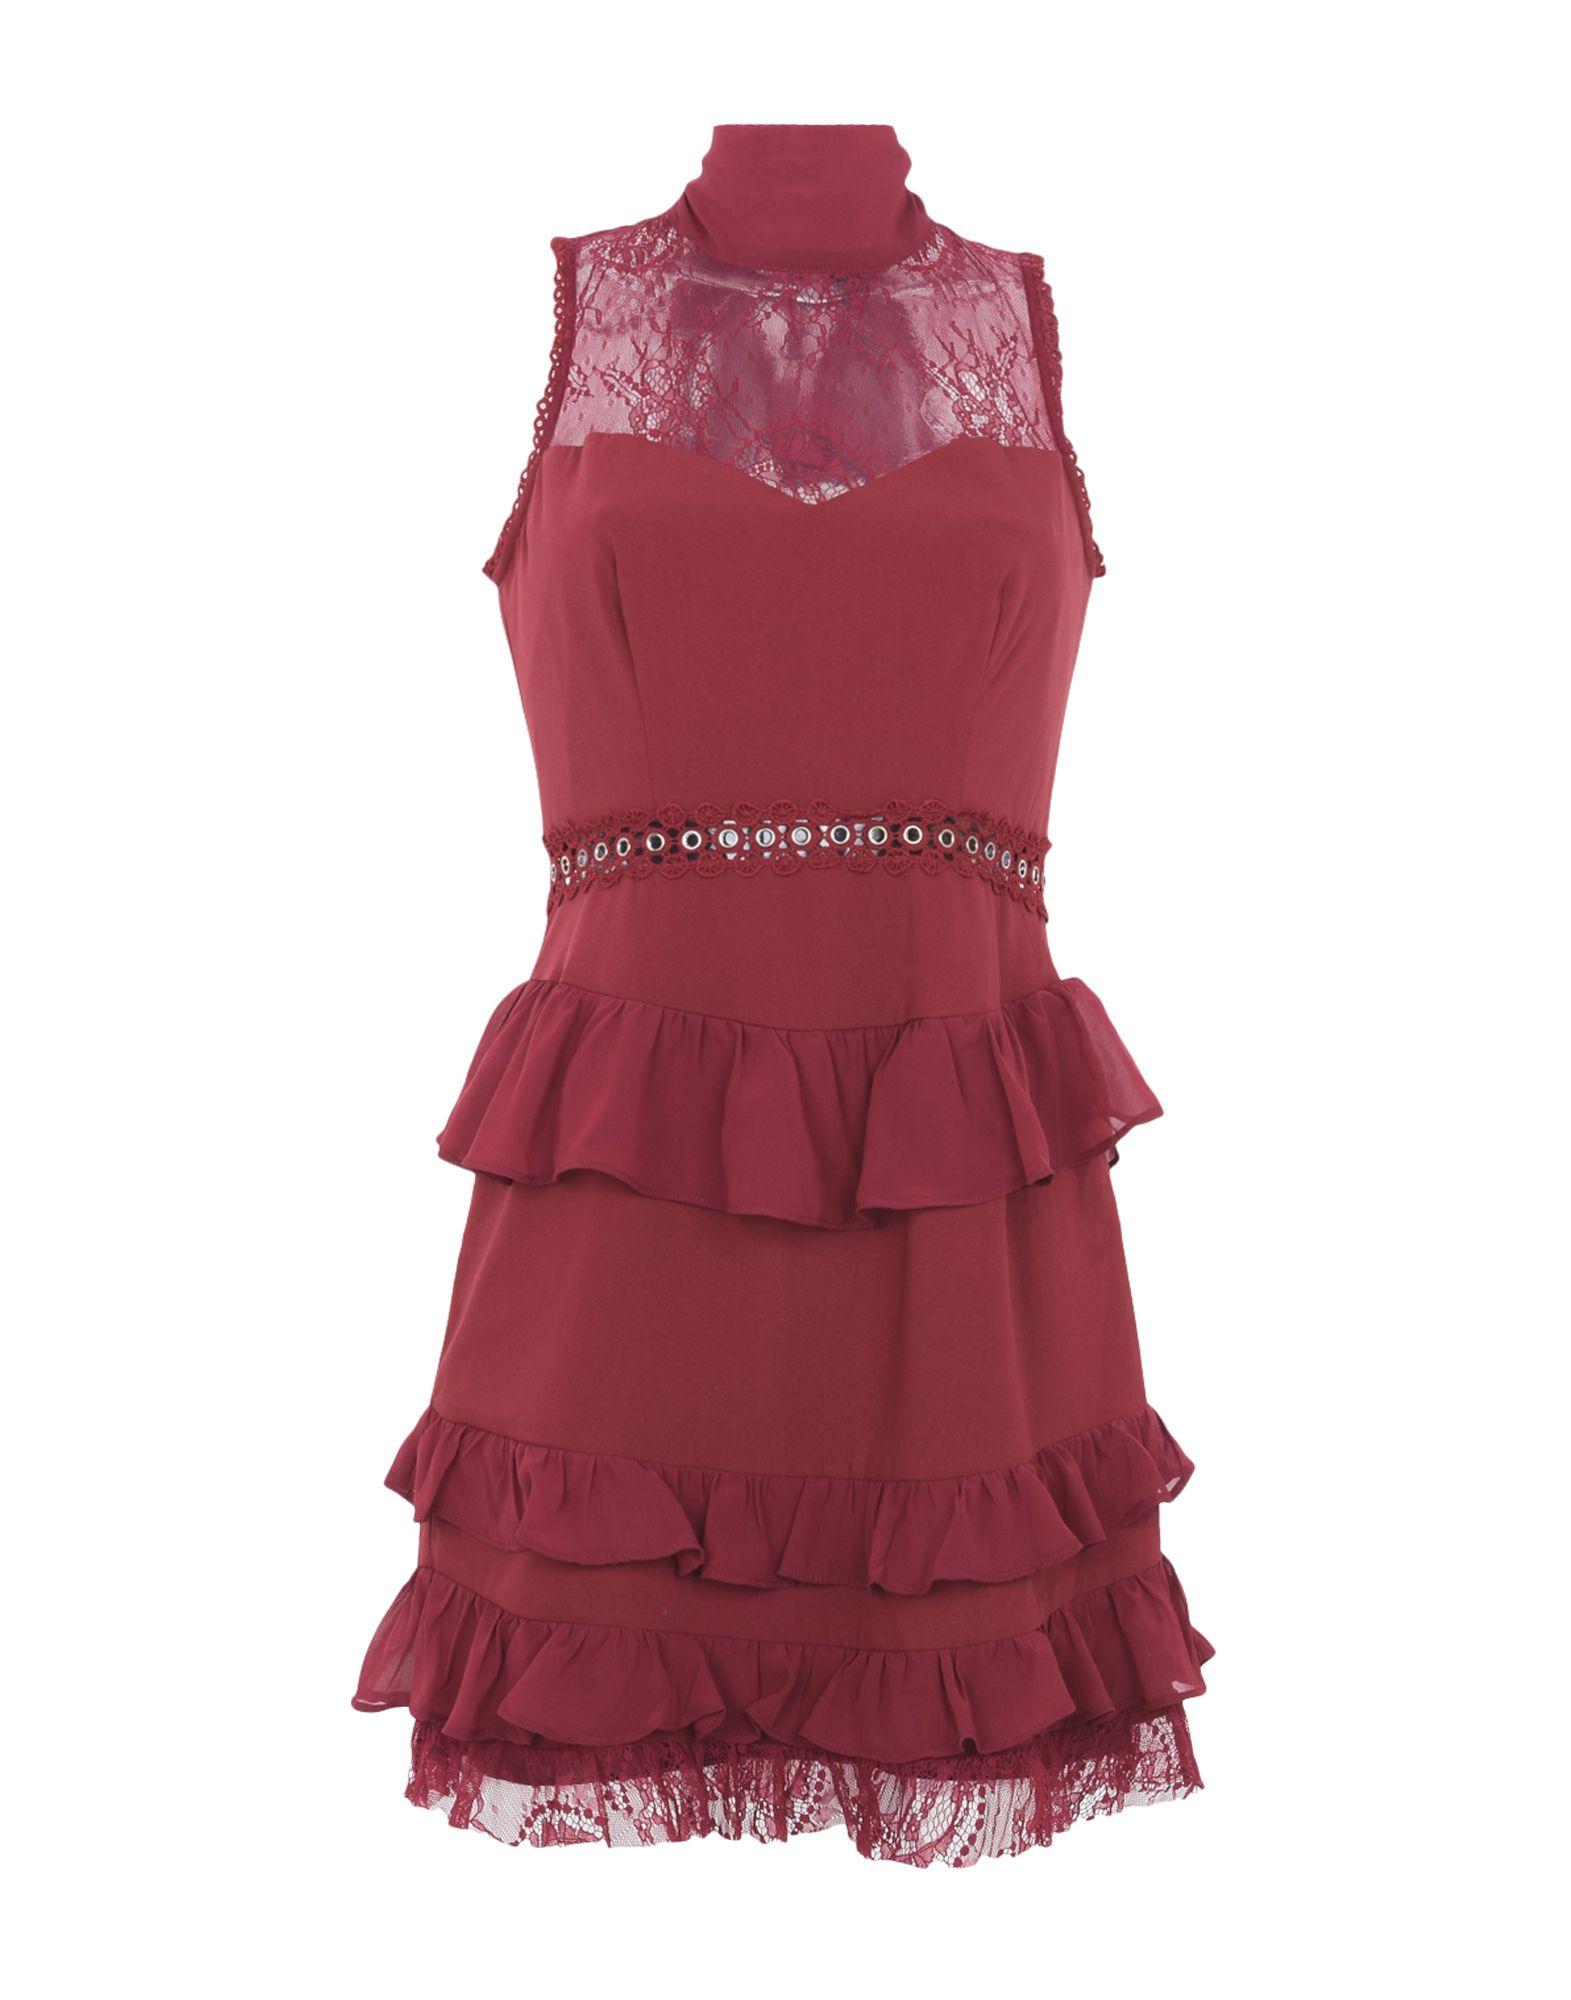 TD TRUE DECADENCE Короткое платье платье без рукавов с кружевной вставкой на спинке